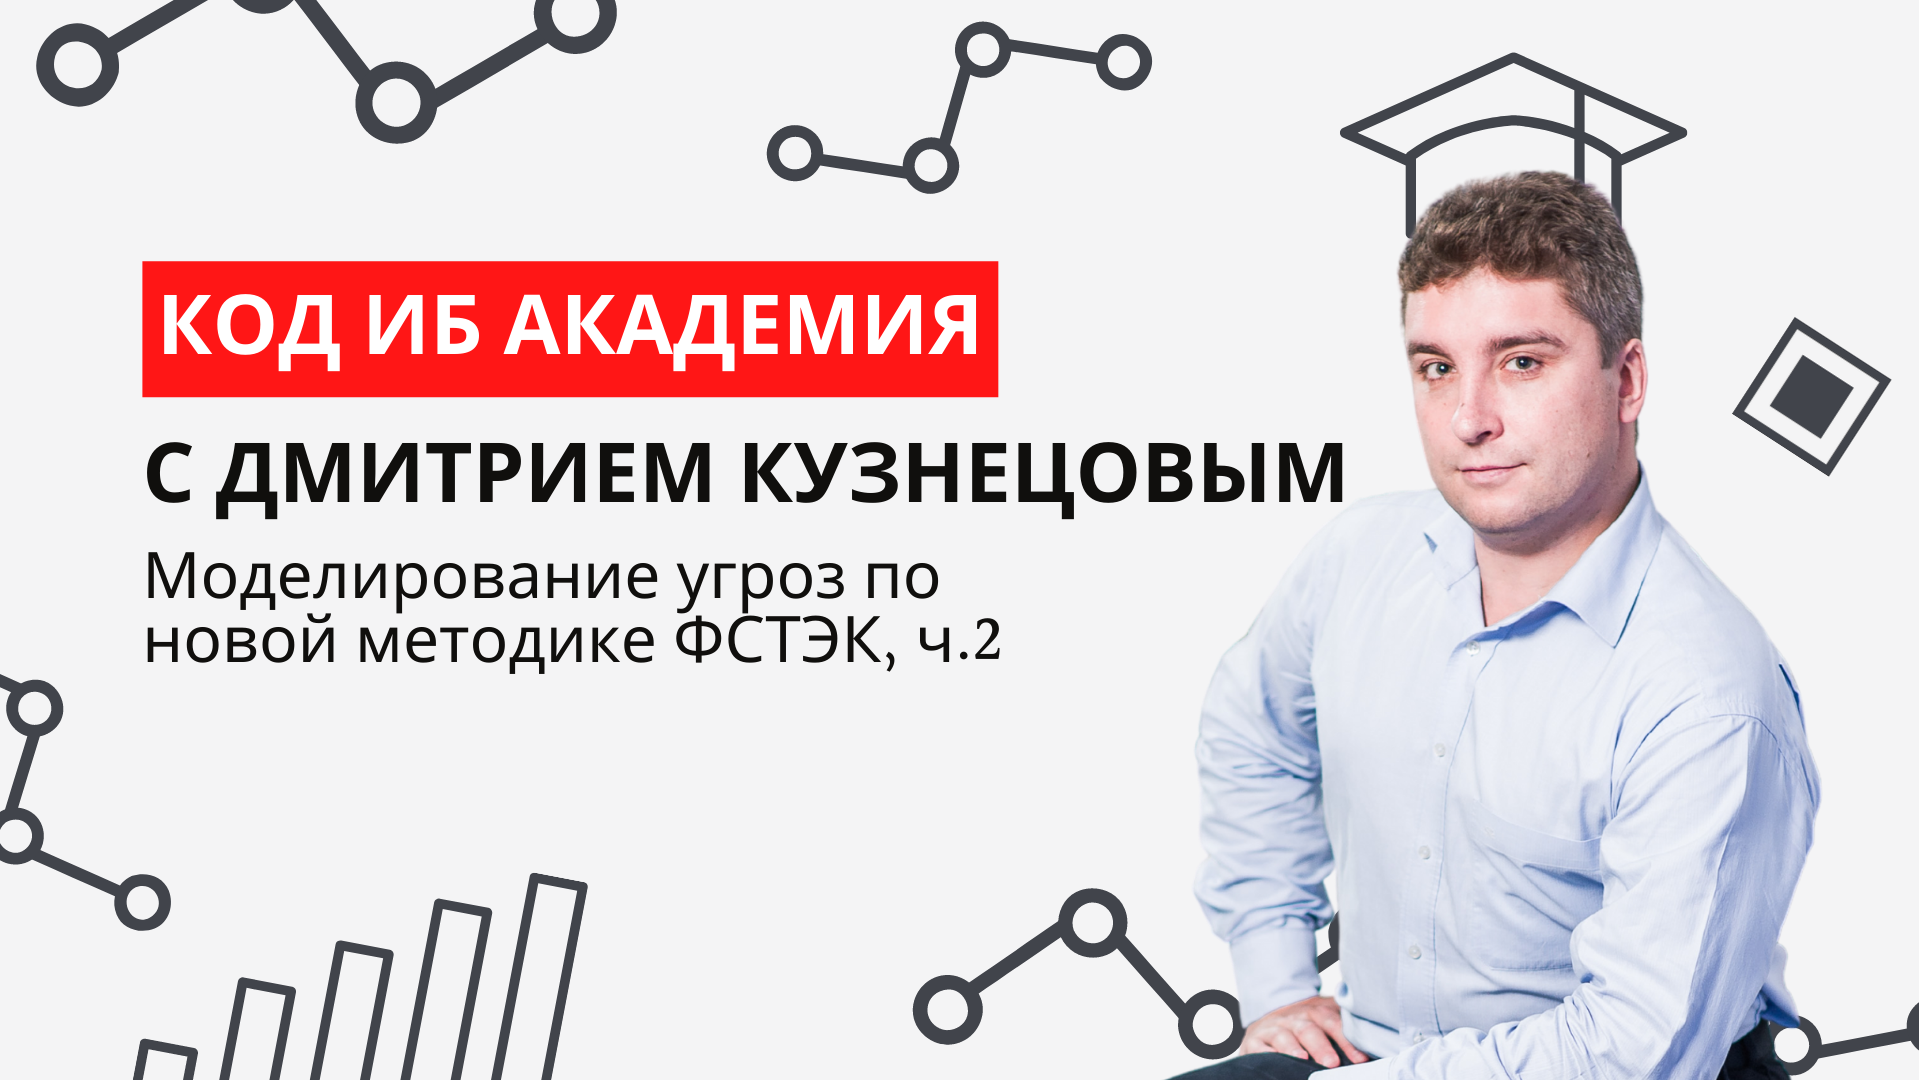 Моделирование угроз по новой методике ФСТЭК, ч.2